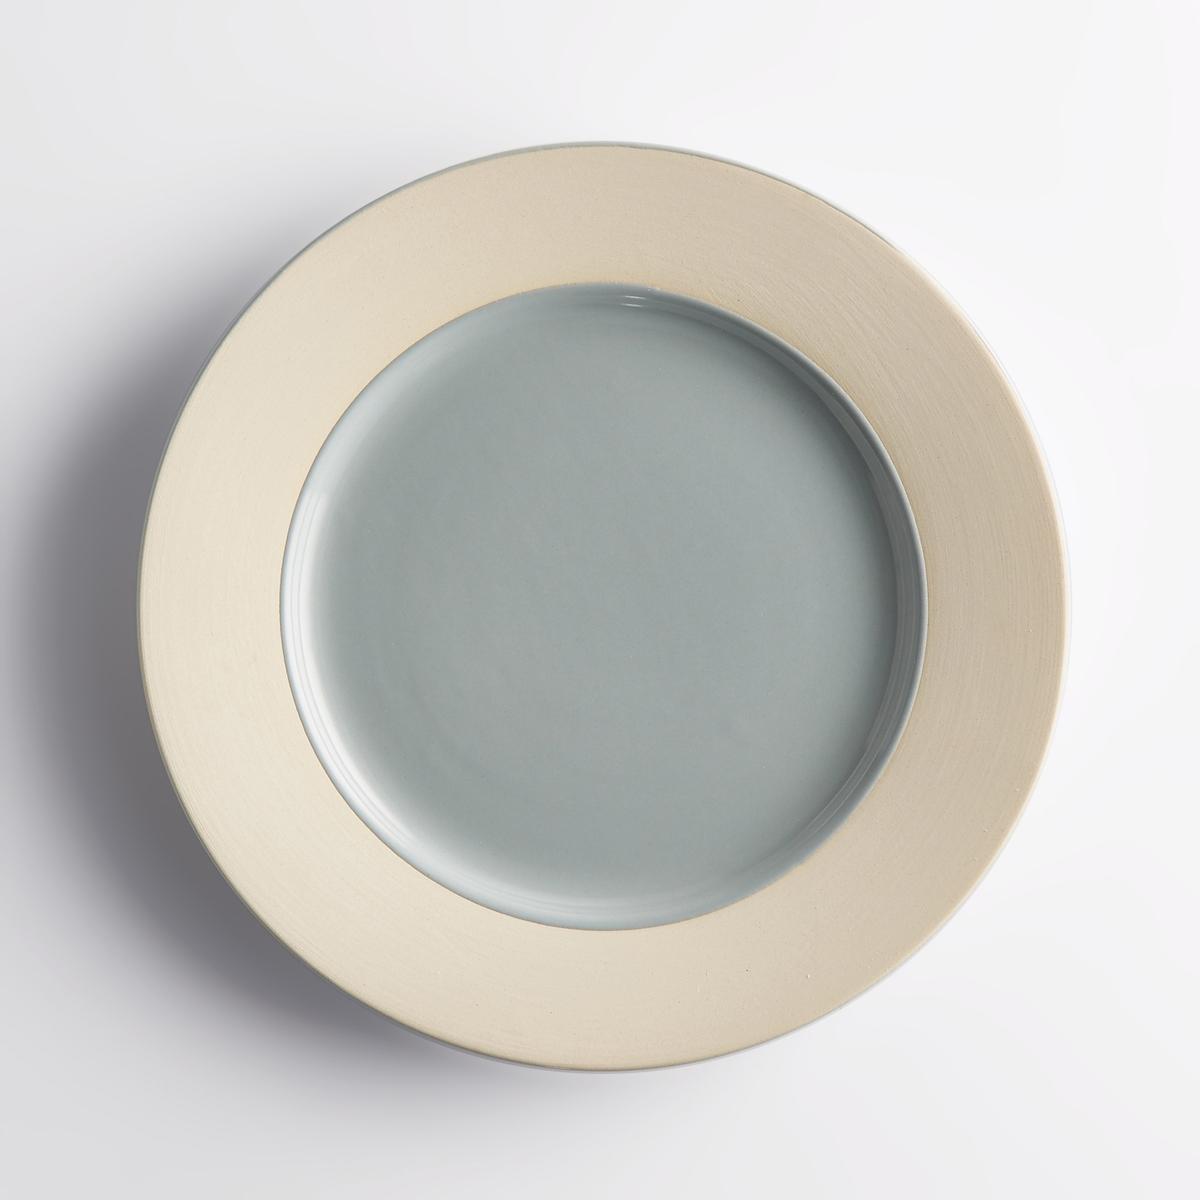 Комплект из 4 мелких тарелок из керамики WarotaХарактеристики 4 двухцветных мелких тарелок Warota :Из керамики.Края из матовой керамики.Размеры 4 двухцветных мелких тарелок Warota :Диаметр. 25 см.Цвета 4 двухцветных мелких тарелок Warota :Керамика без глазури / розовый.Керамика без глазури / синий.Другие тарелки и предметы декора стола вы можете найти на сайте laredoute.ru<br><br>Цвет: розовая пудра,синий